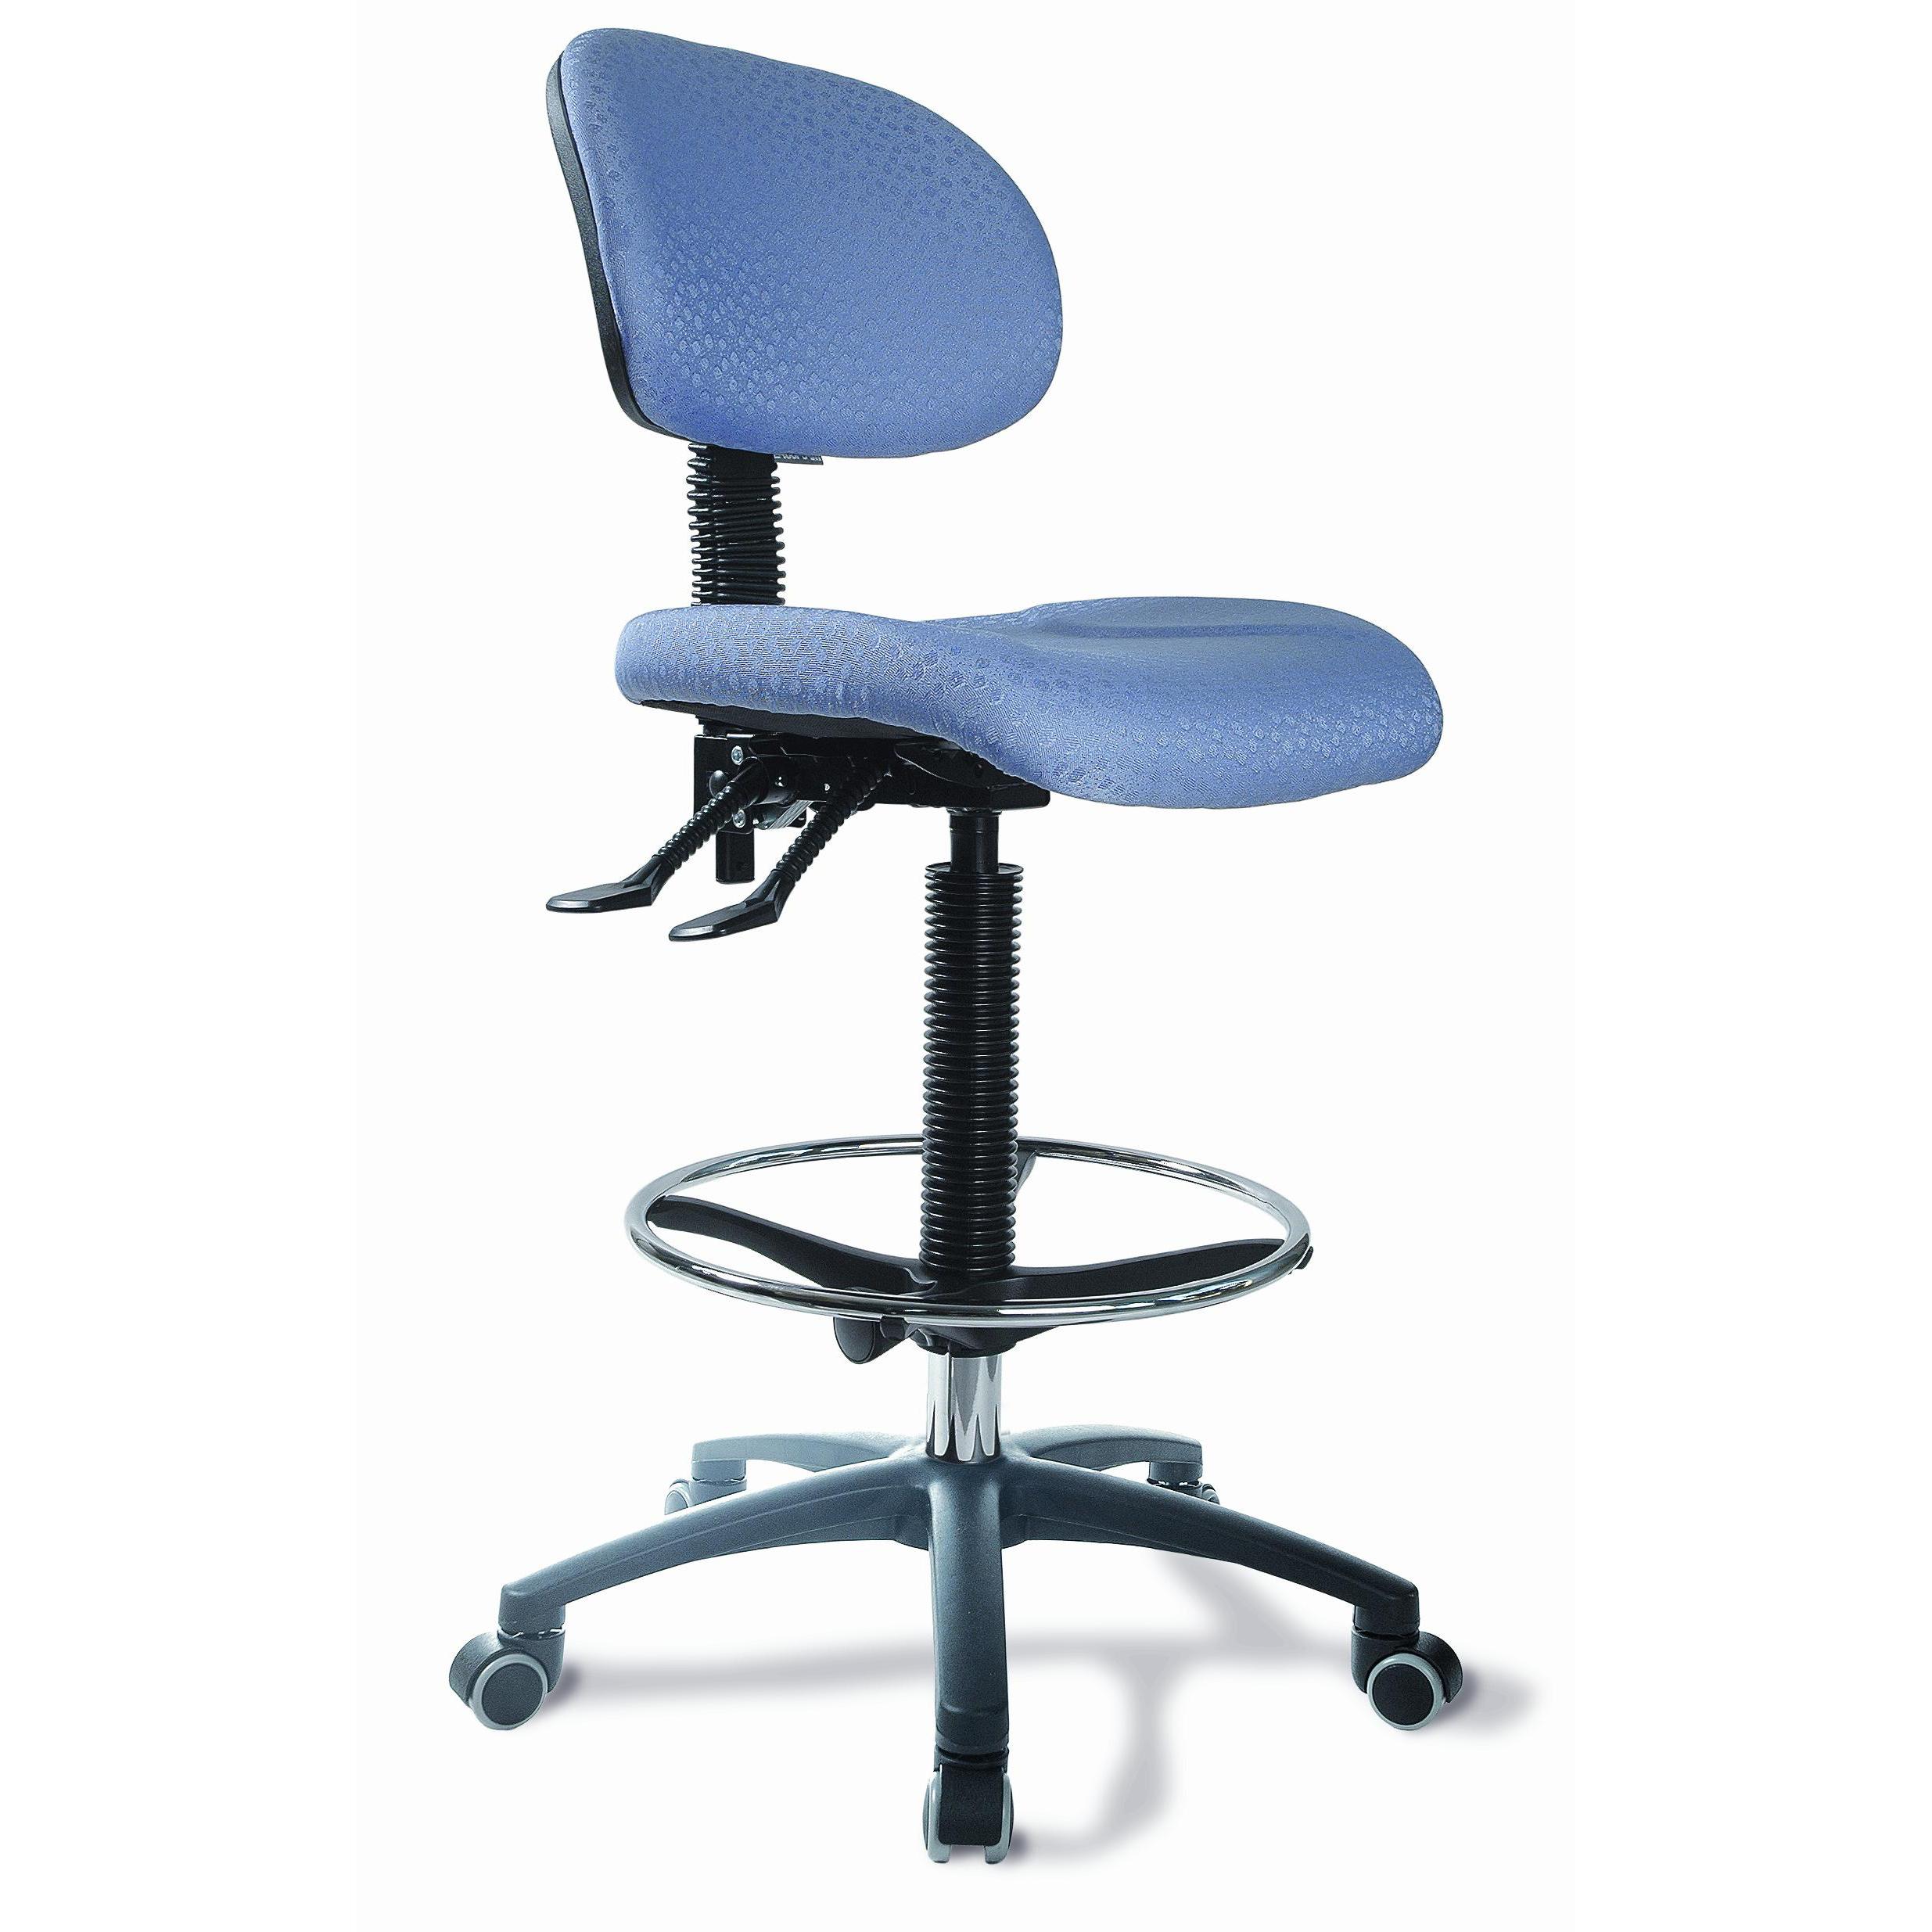 Silla cajero 2101 a grupo meta soluciones de limpieza for Cajero servired oficina 9736